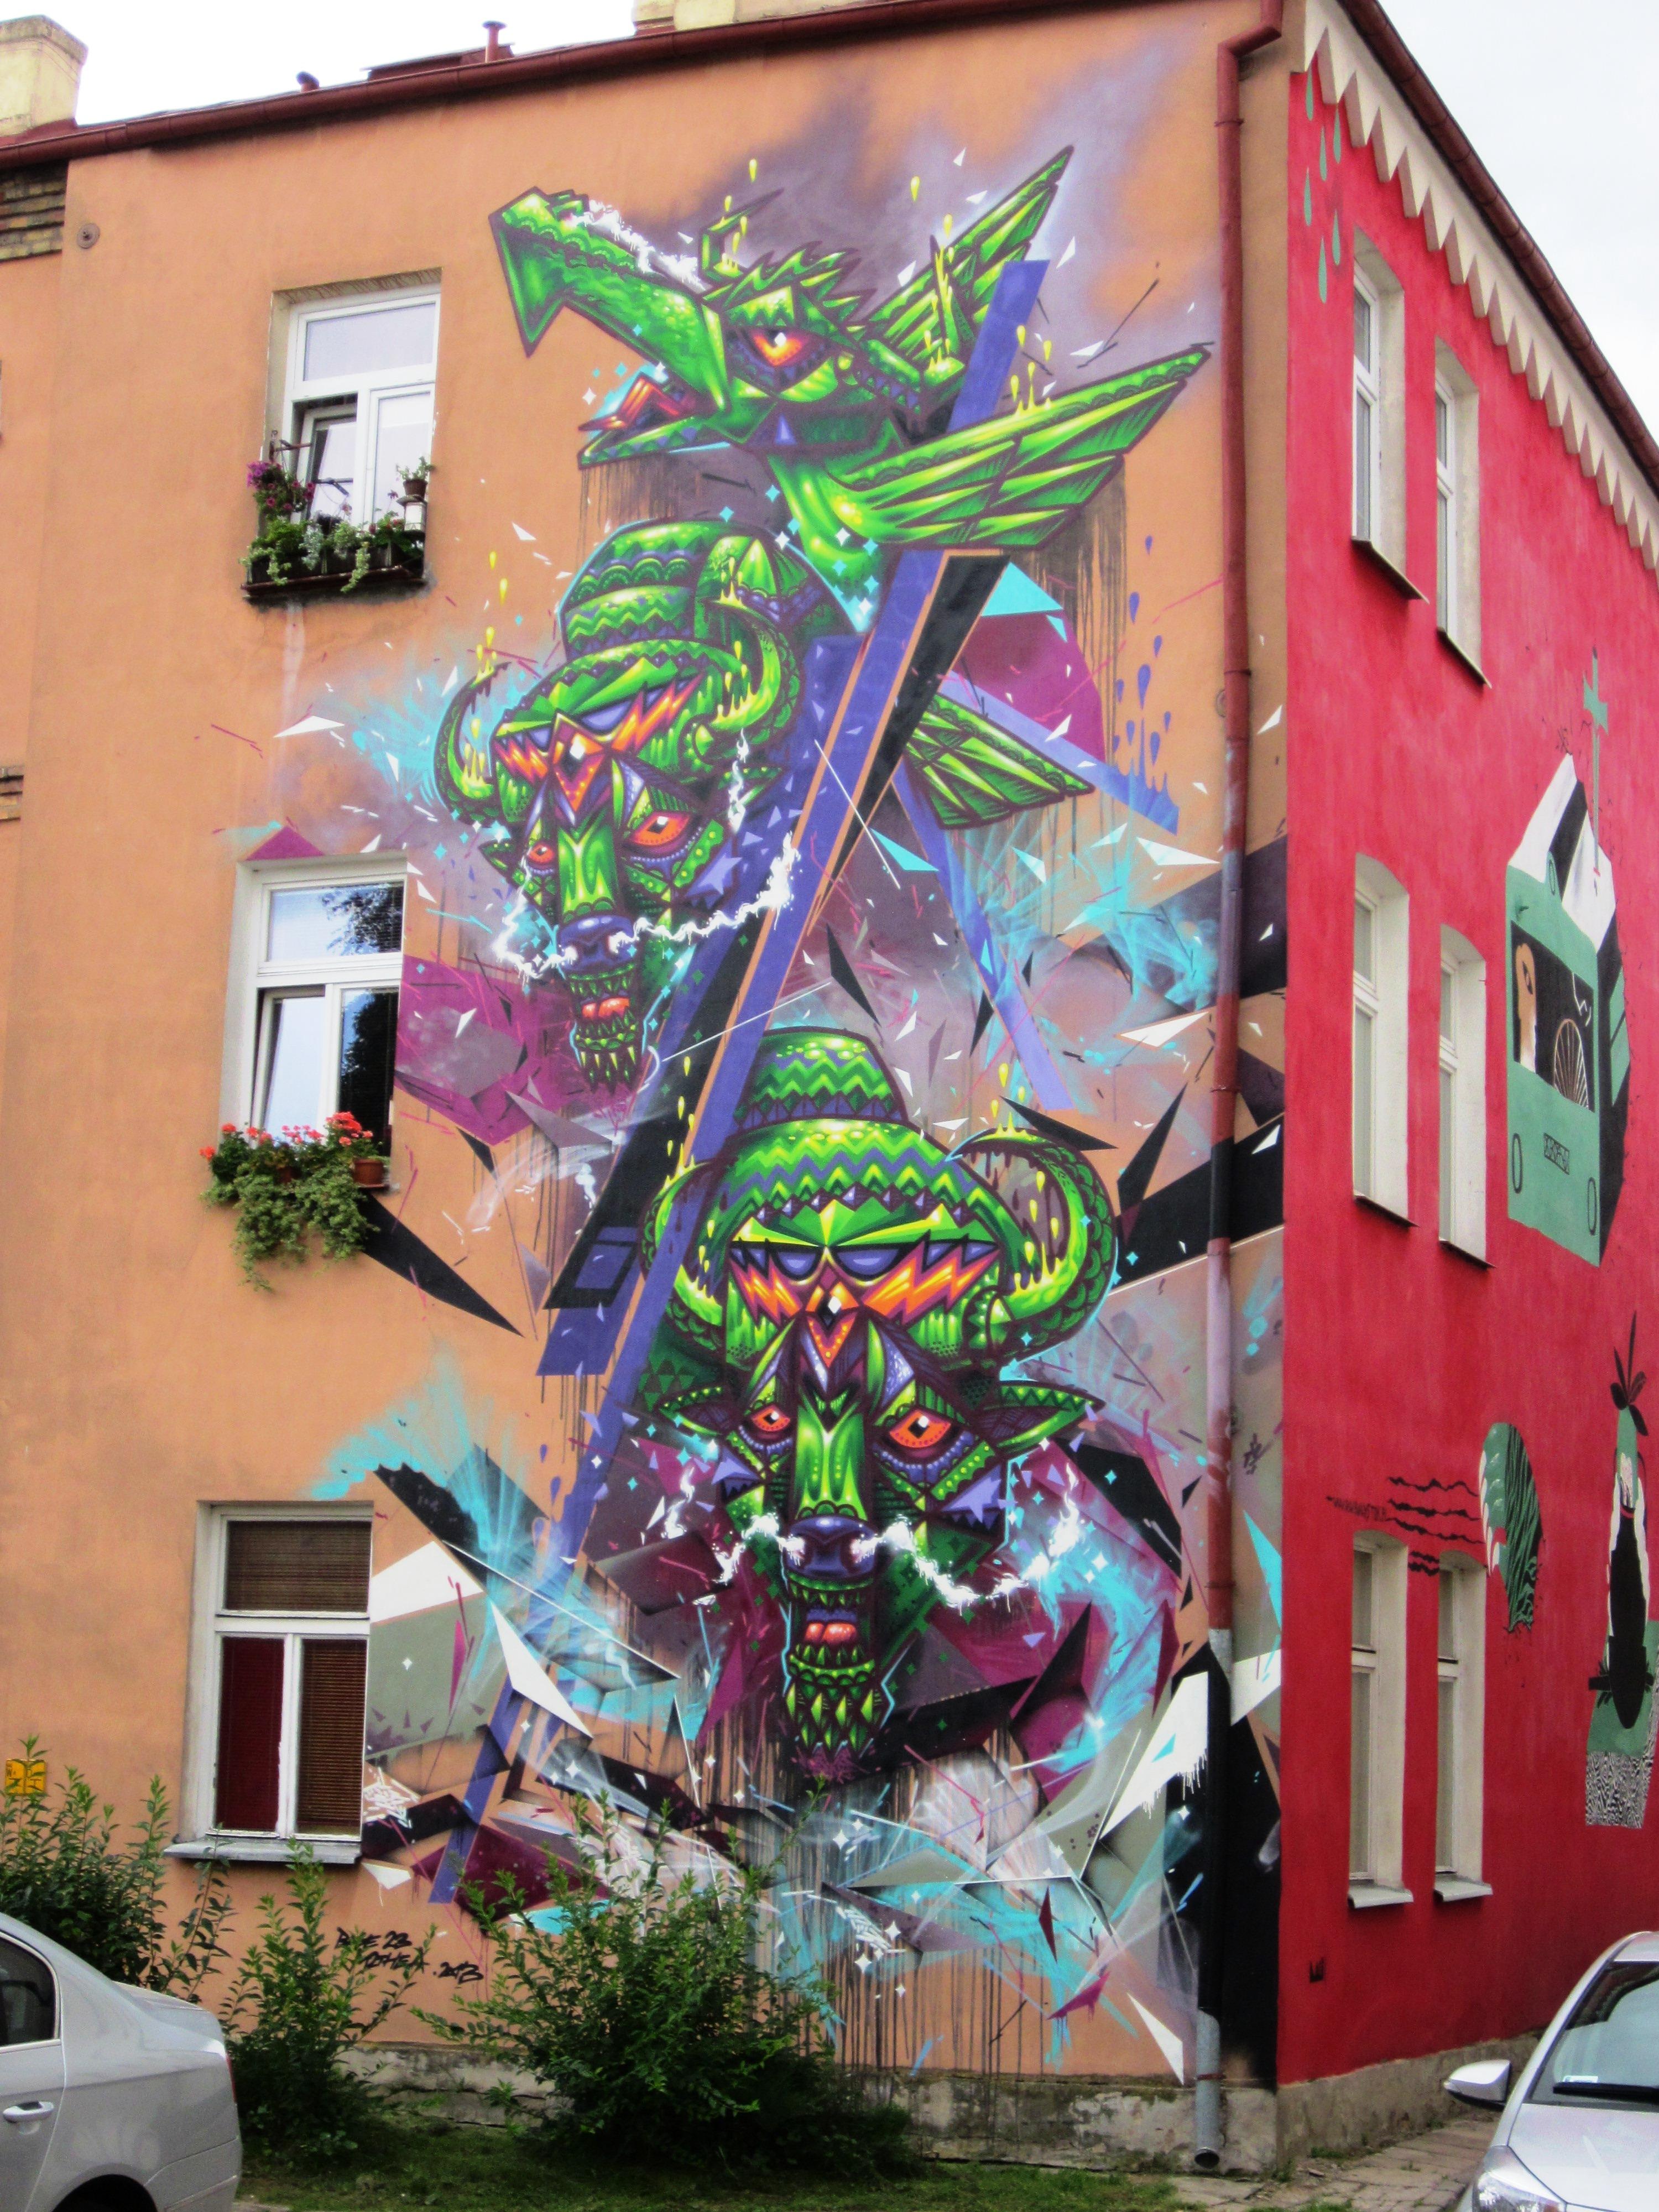 Nowy mural w bia ymstoku wschodz cy bia ystok for Mural bialystok dziewczynka z konewka